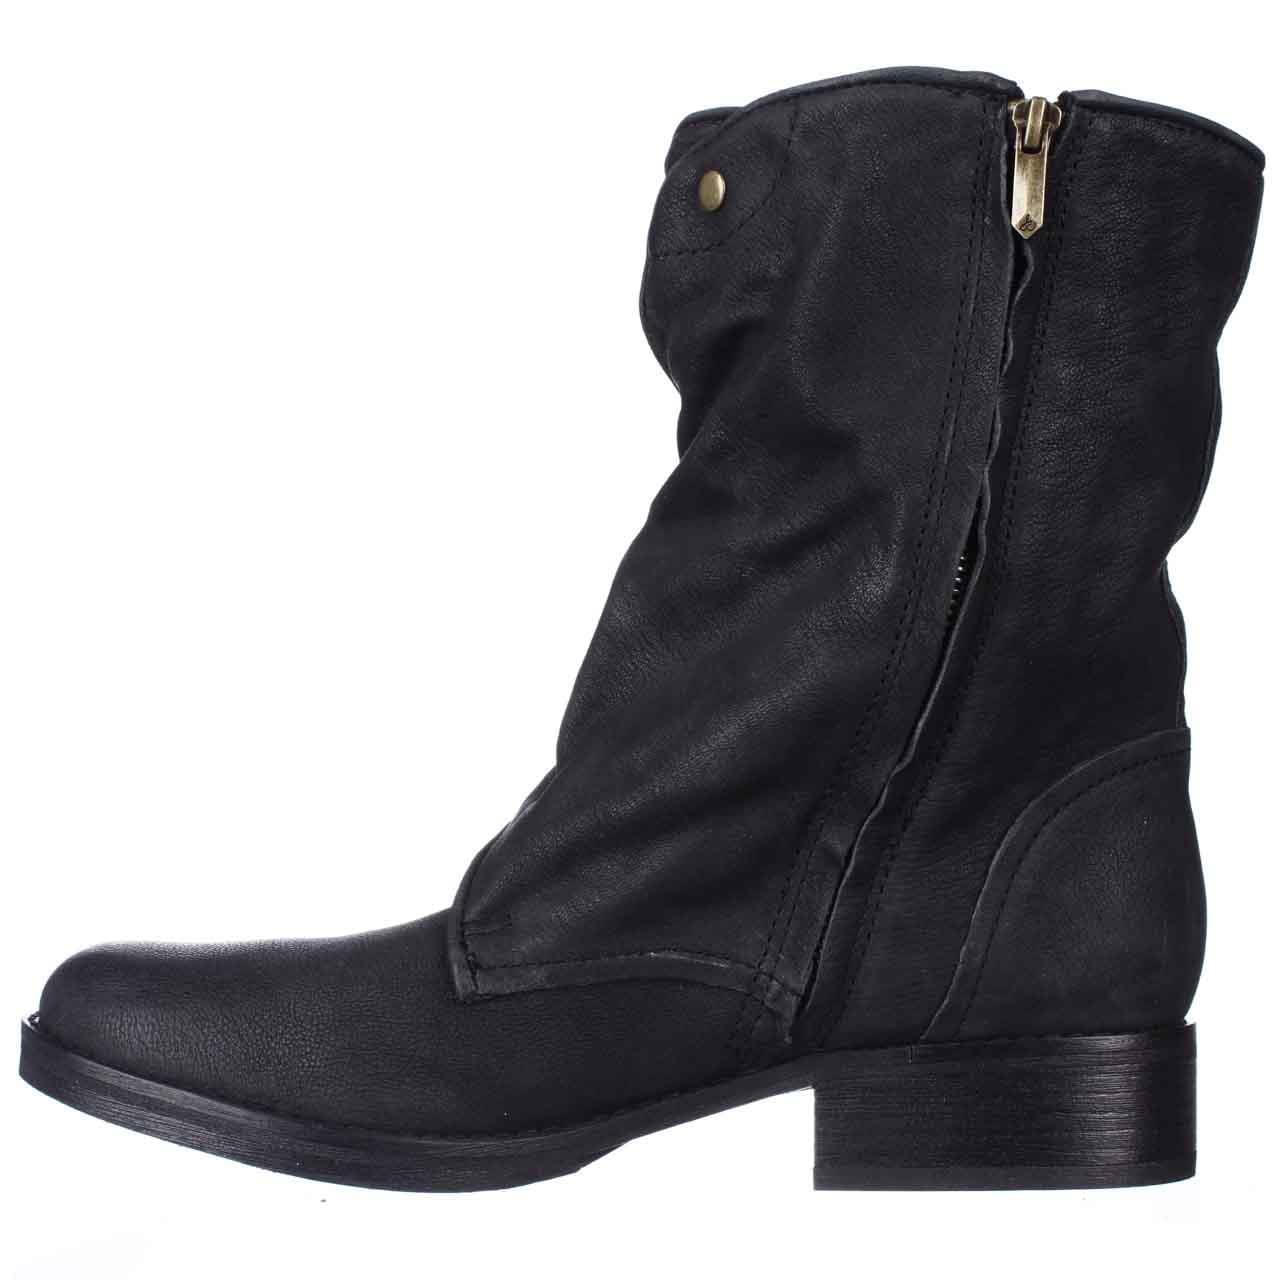 eee10b139a7c Sam Edelman - Womens Sam Edelman Ridge Casual Ankle Boots - Black -  Walmart.com